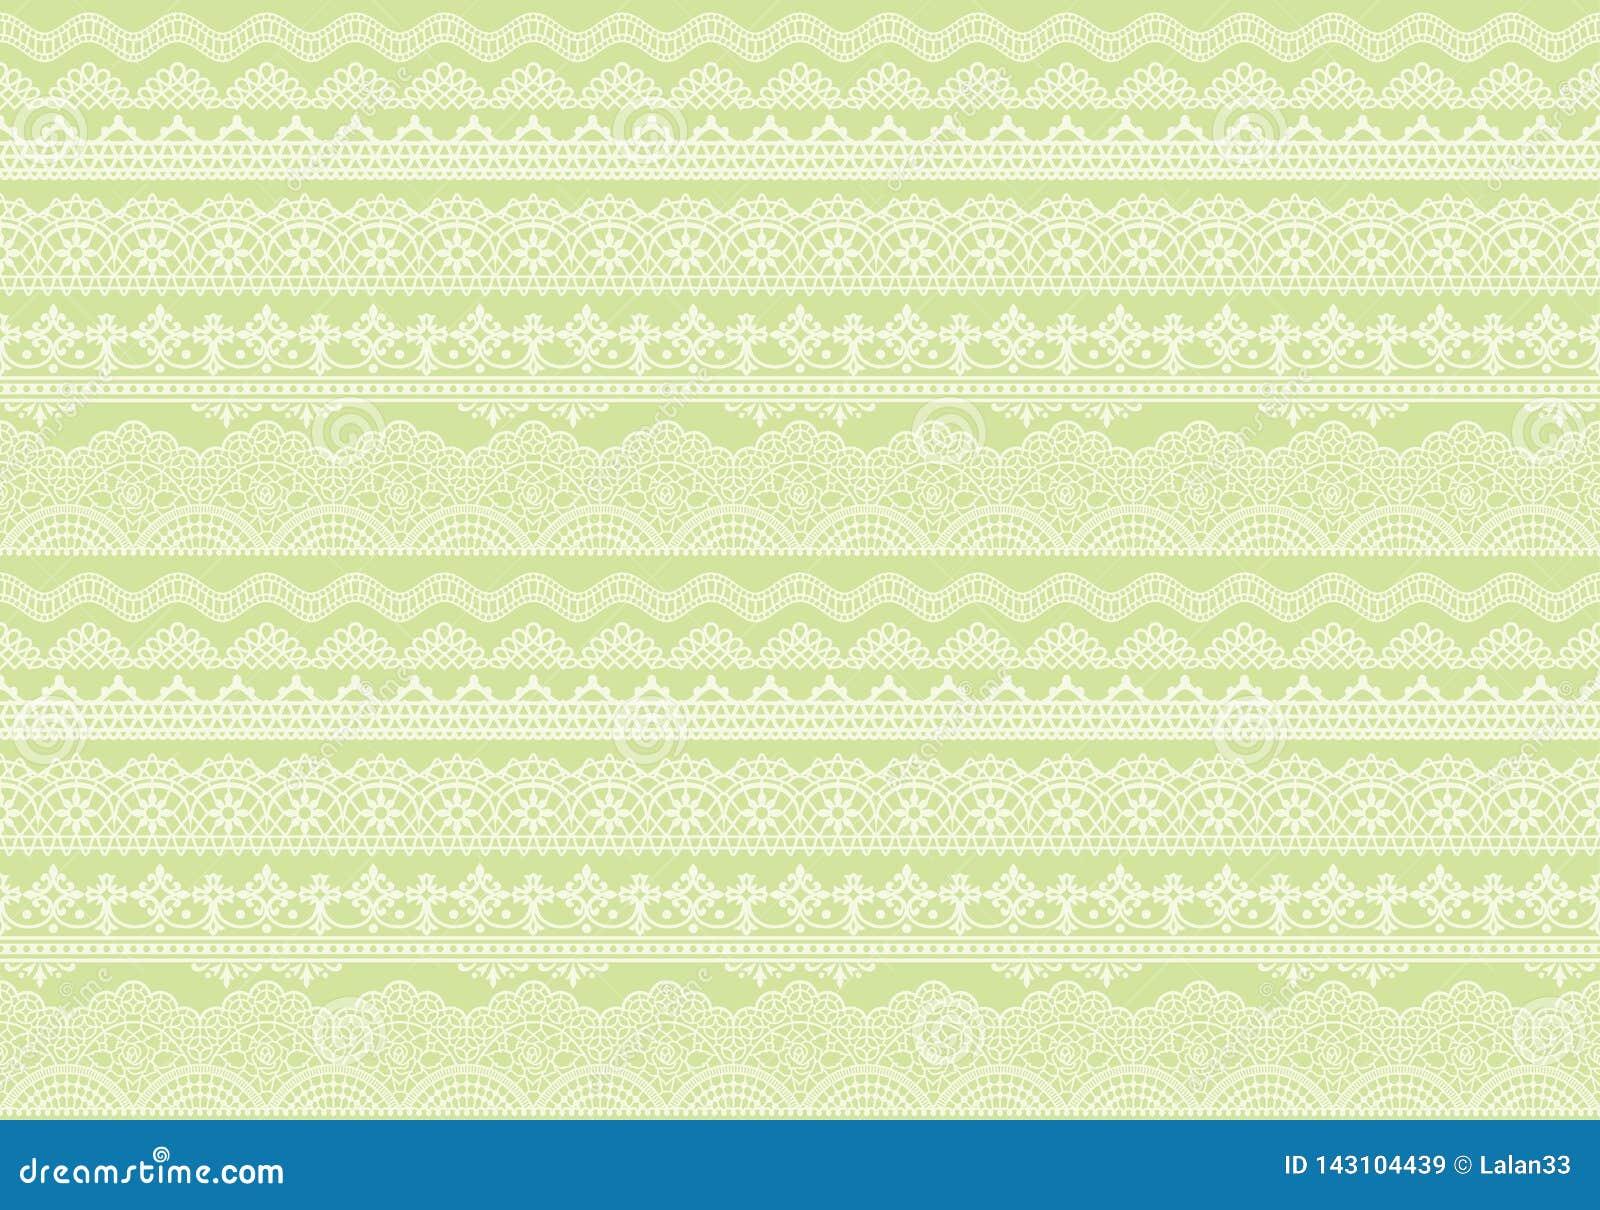 Fondo verde amarillo de los ajustes del cordón